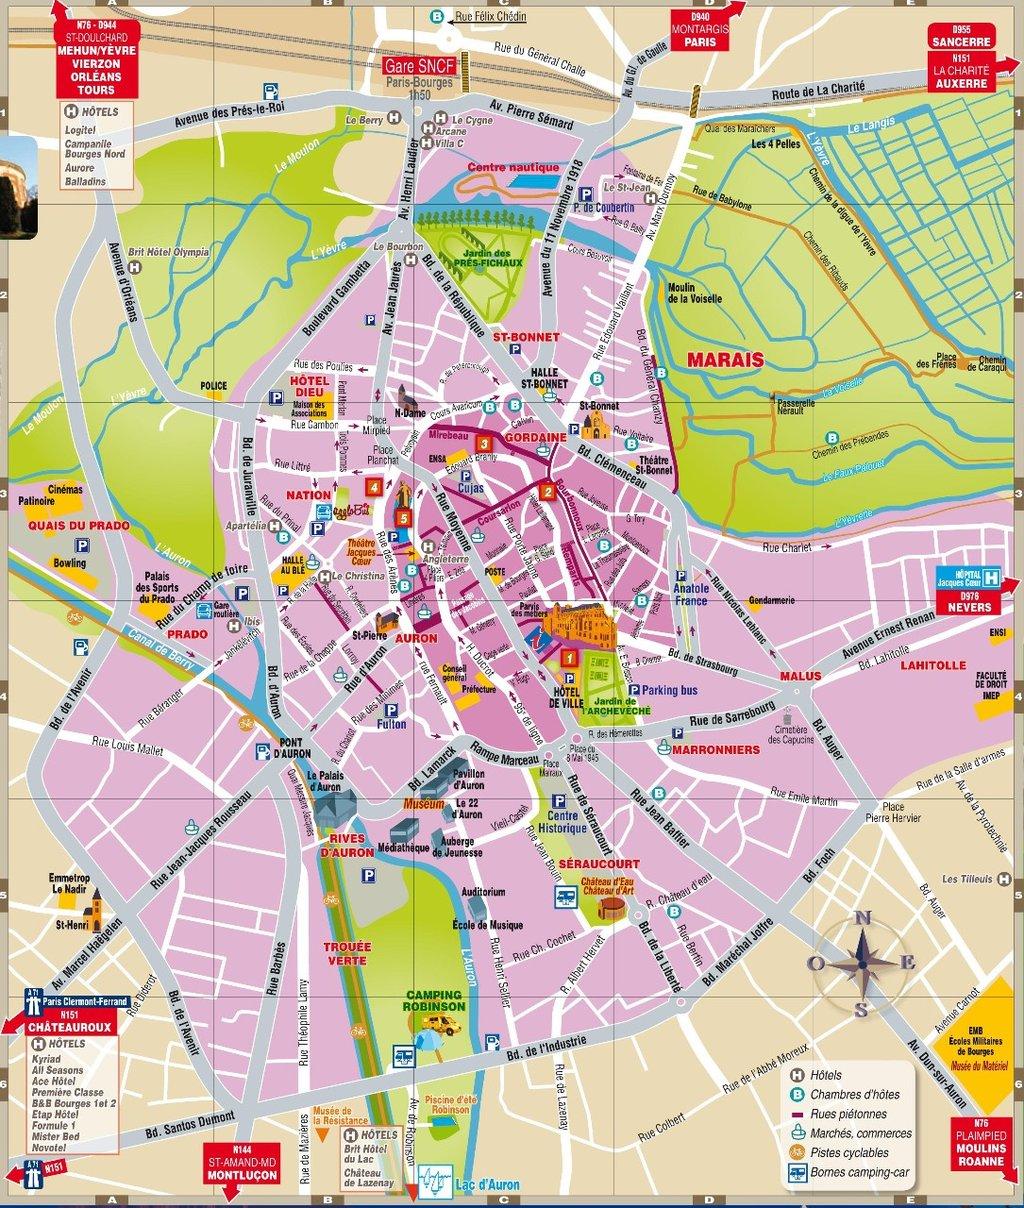 Chambres d 39 h tes centre ville - Chambre d hote a rome centre ville ...